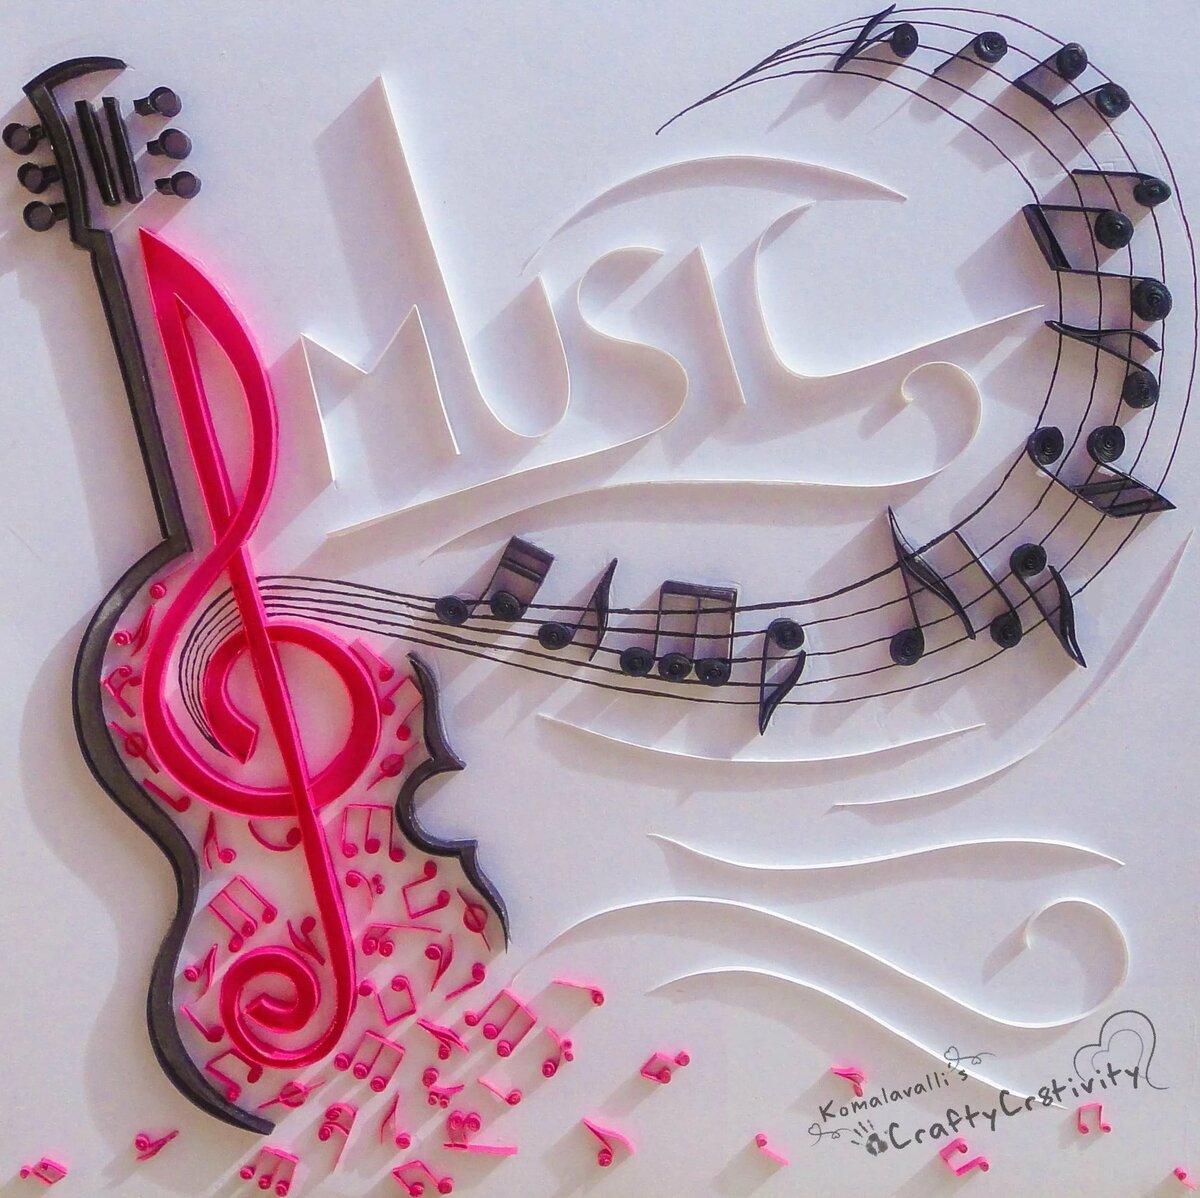 Удачно сдать, свои открытки со своей музыкой